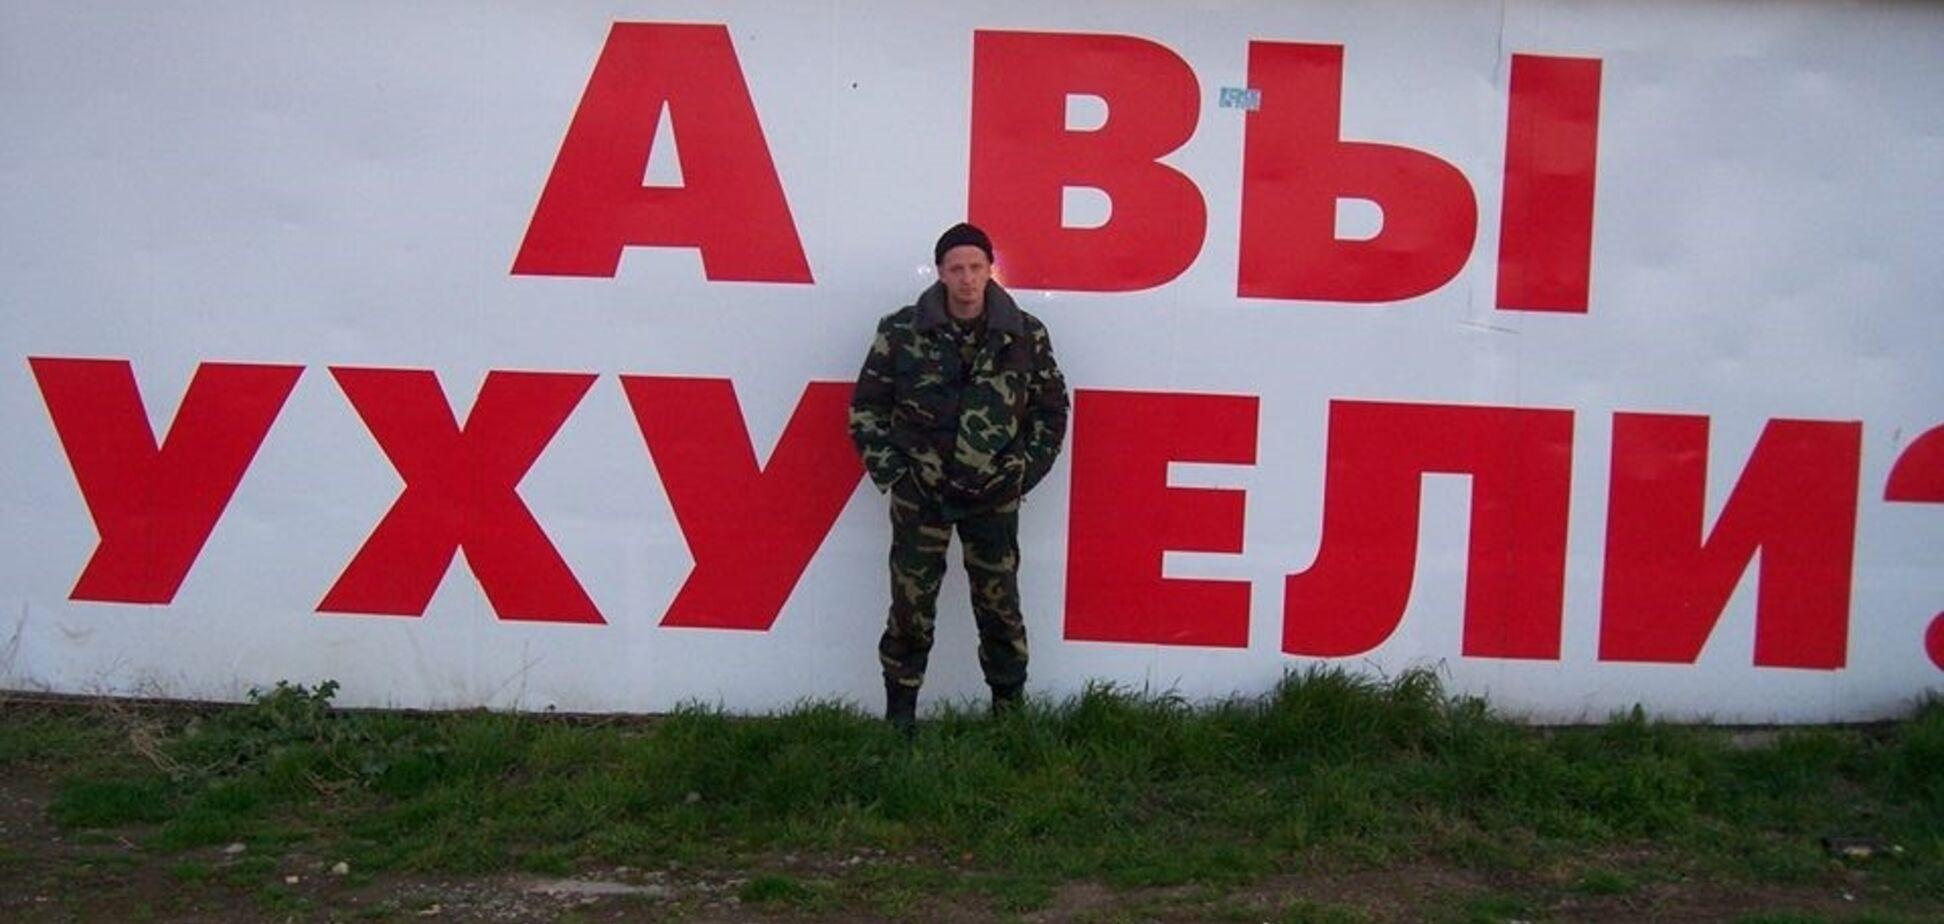 Пограничник получил 13 лет за расстрел сепаратиста: в деле наметился поворот